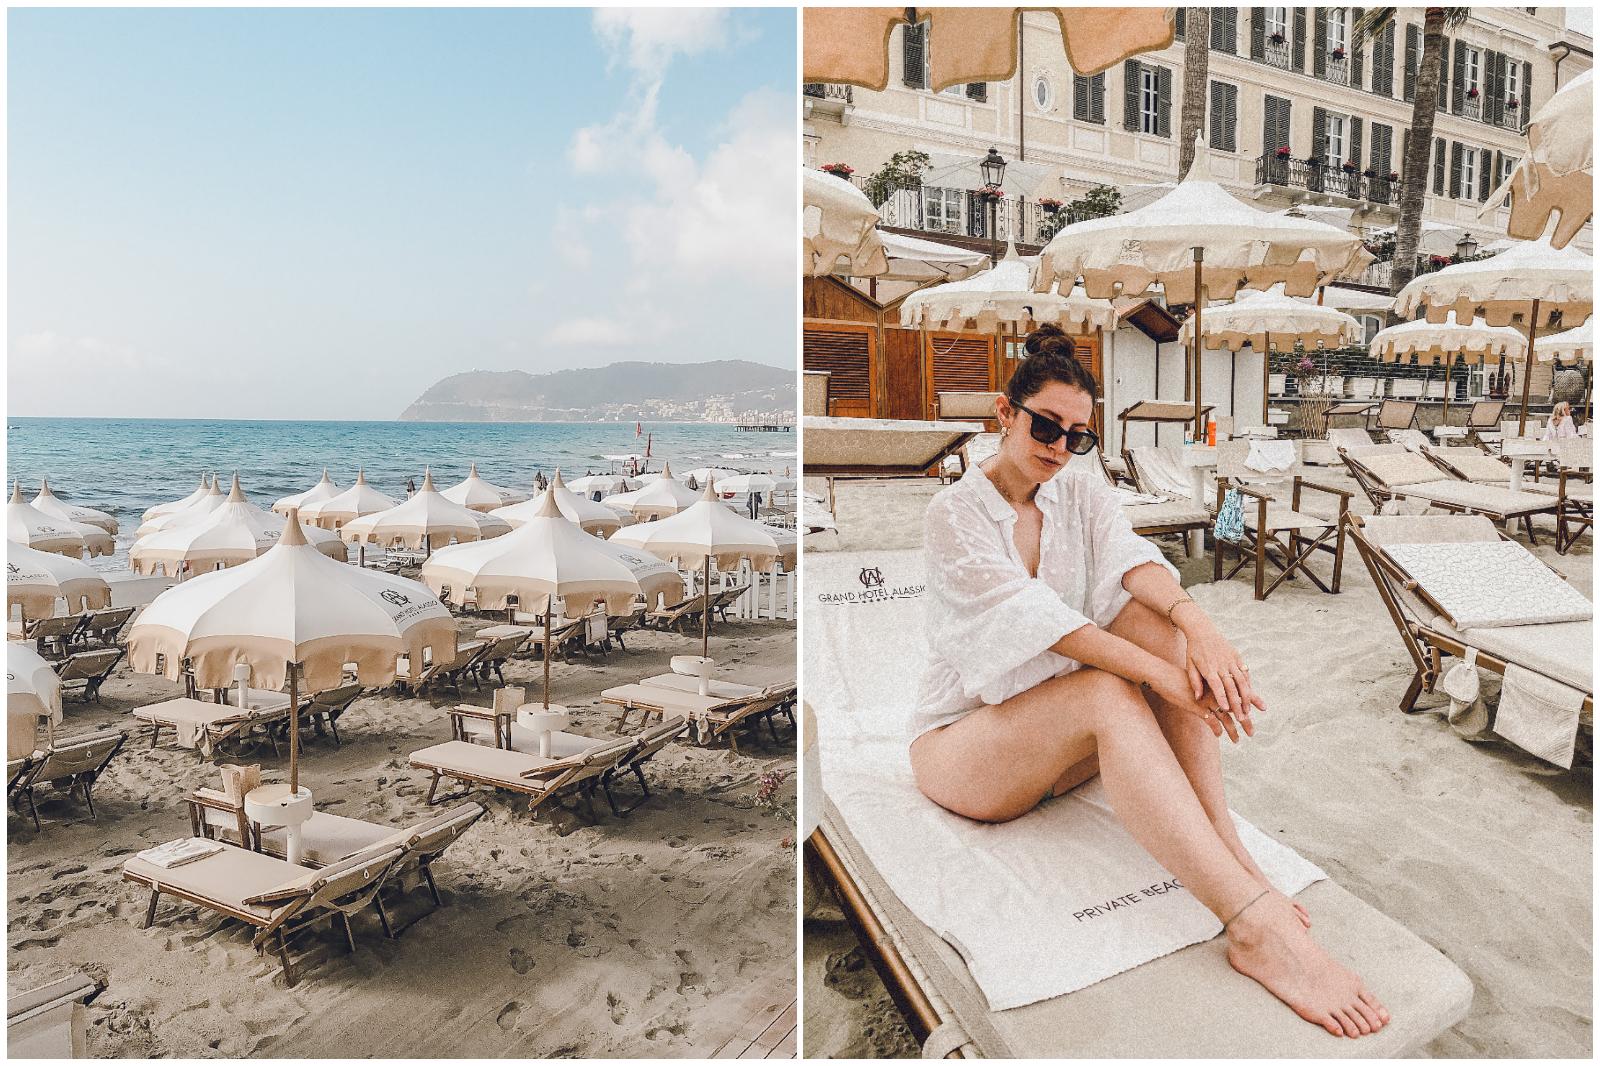 Grand Hotel Alassio la spiaggia